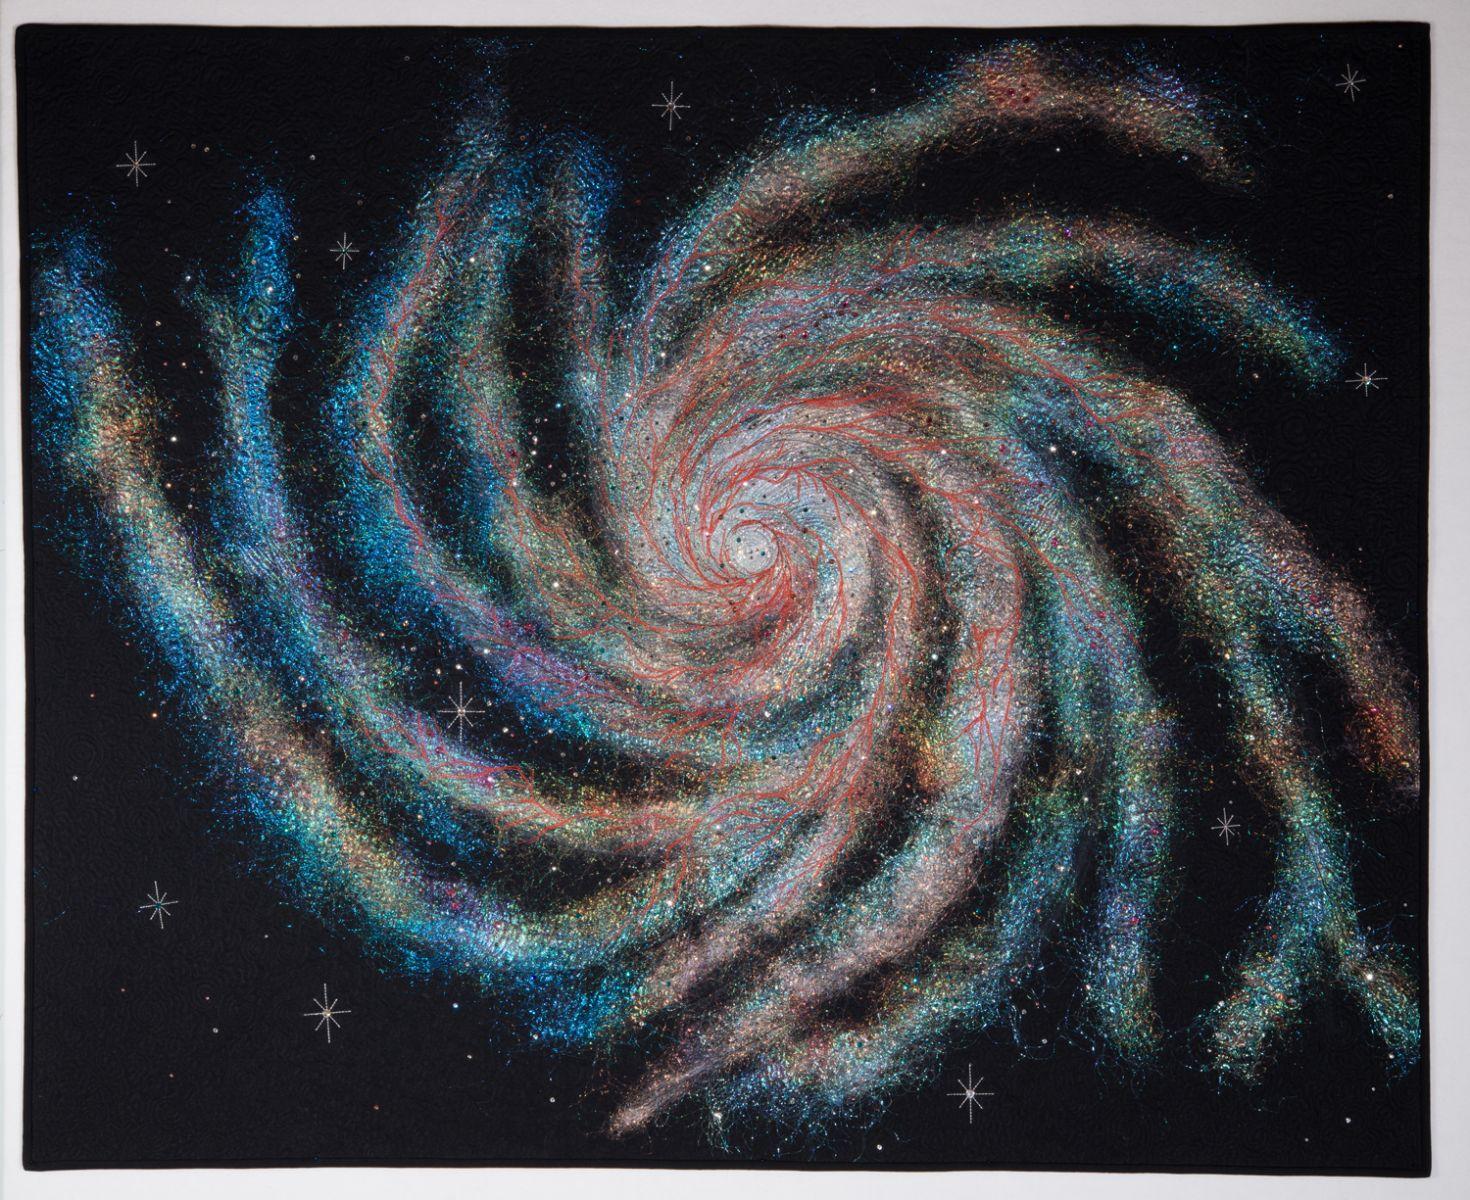 Spiral Galaxy Number 3